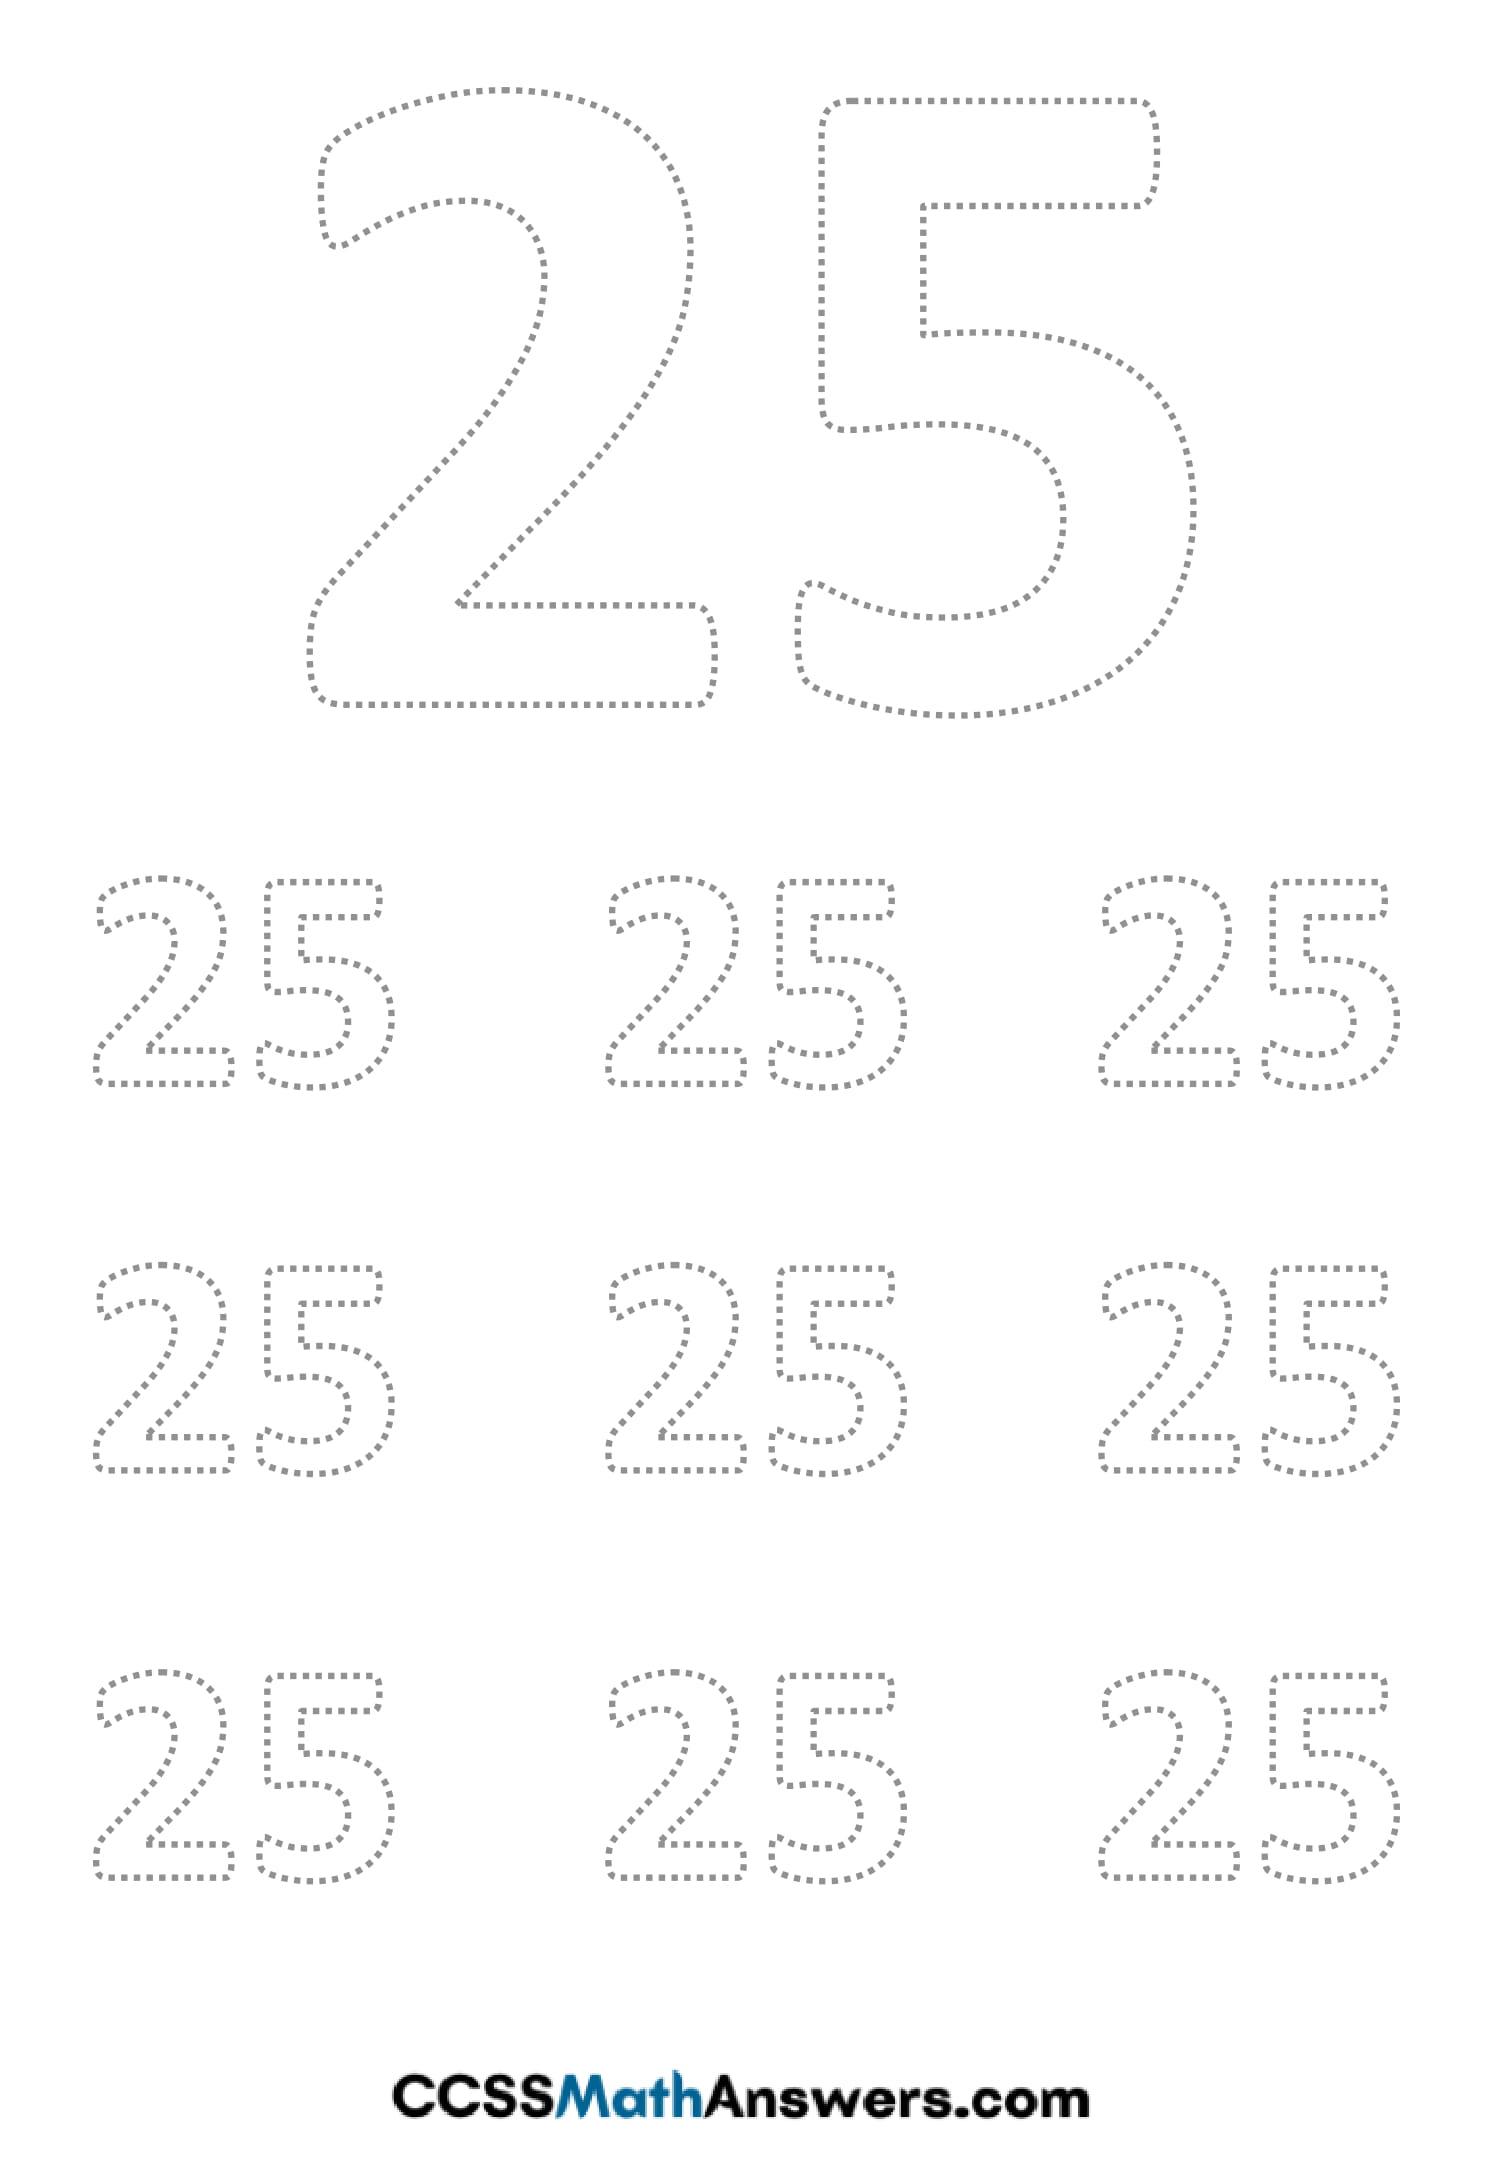 Worksheet on Number Twenty Five